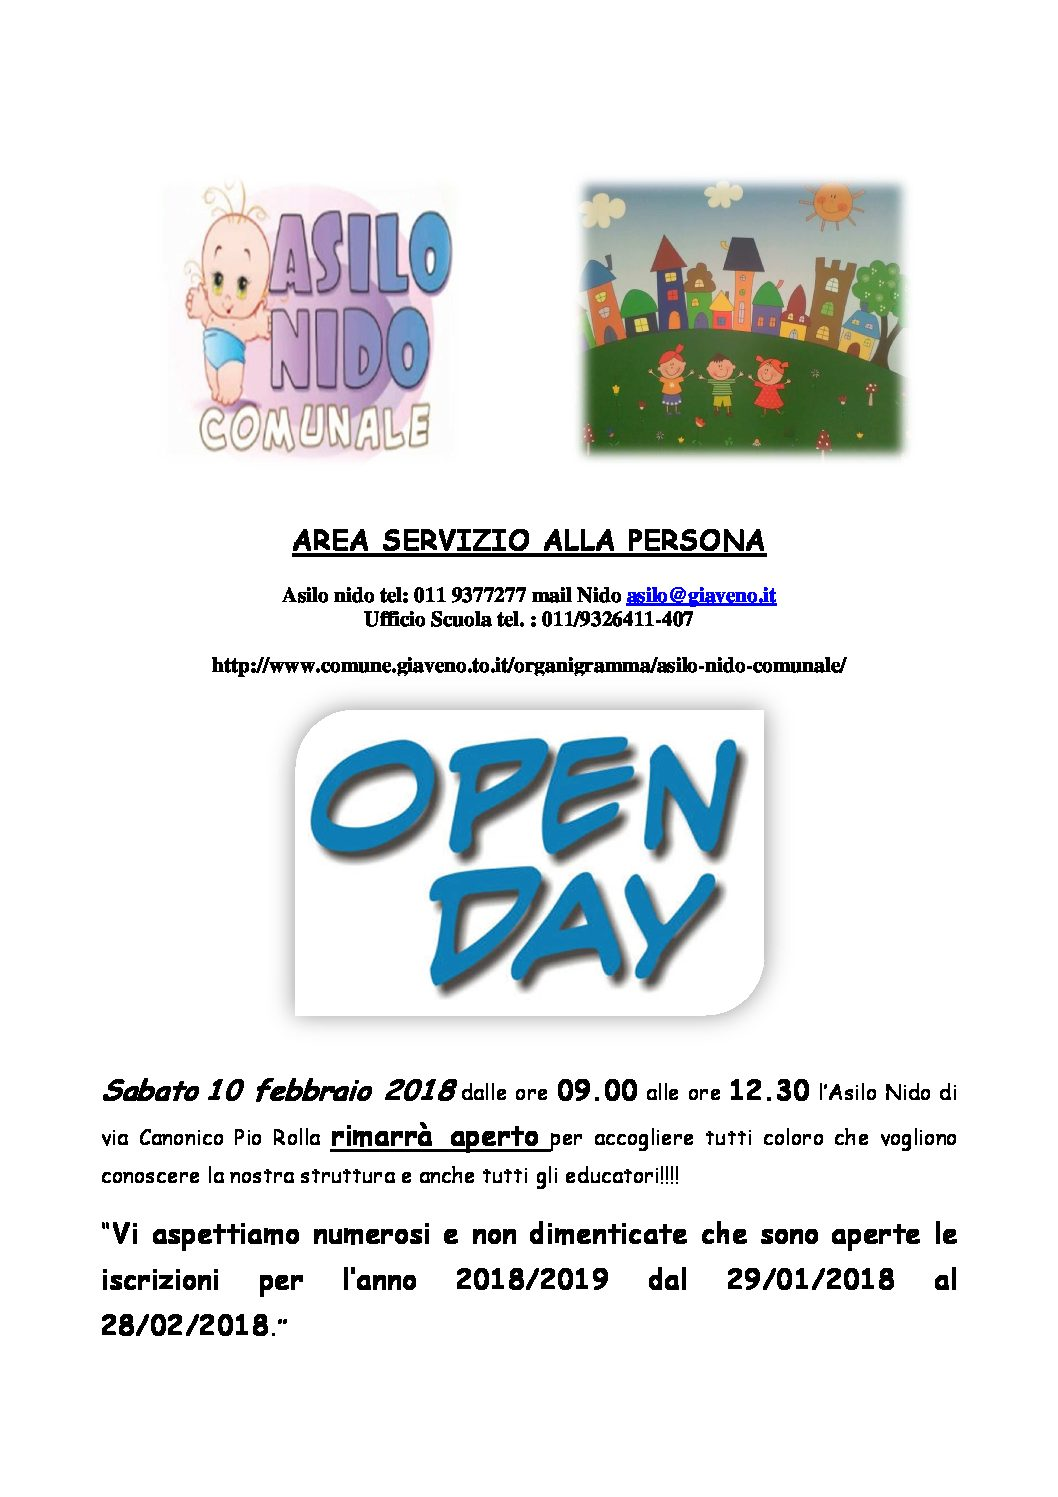 OPEN DAY 10 FEBBRAIO 2018 ASILO NIDO CANONICO PIO ROLLA